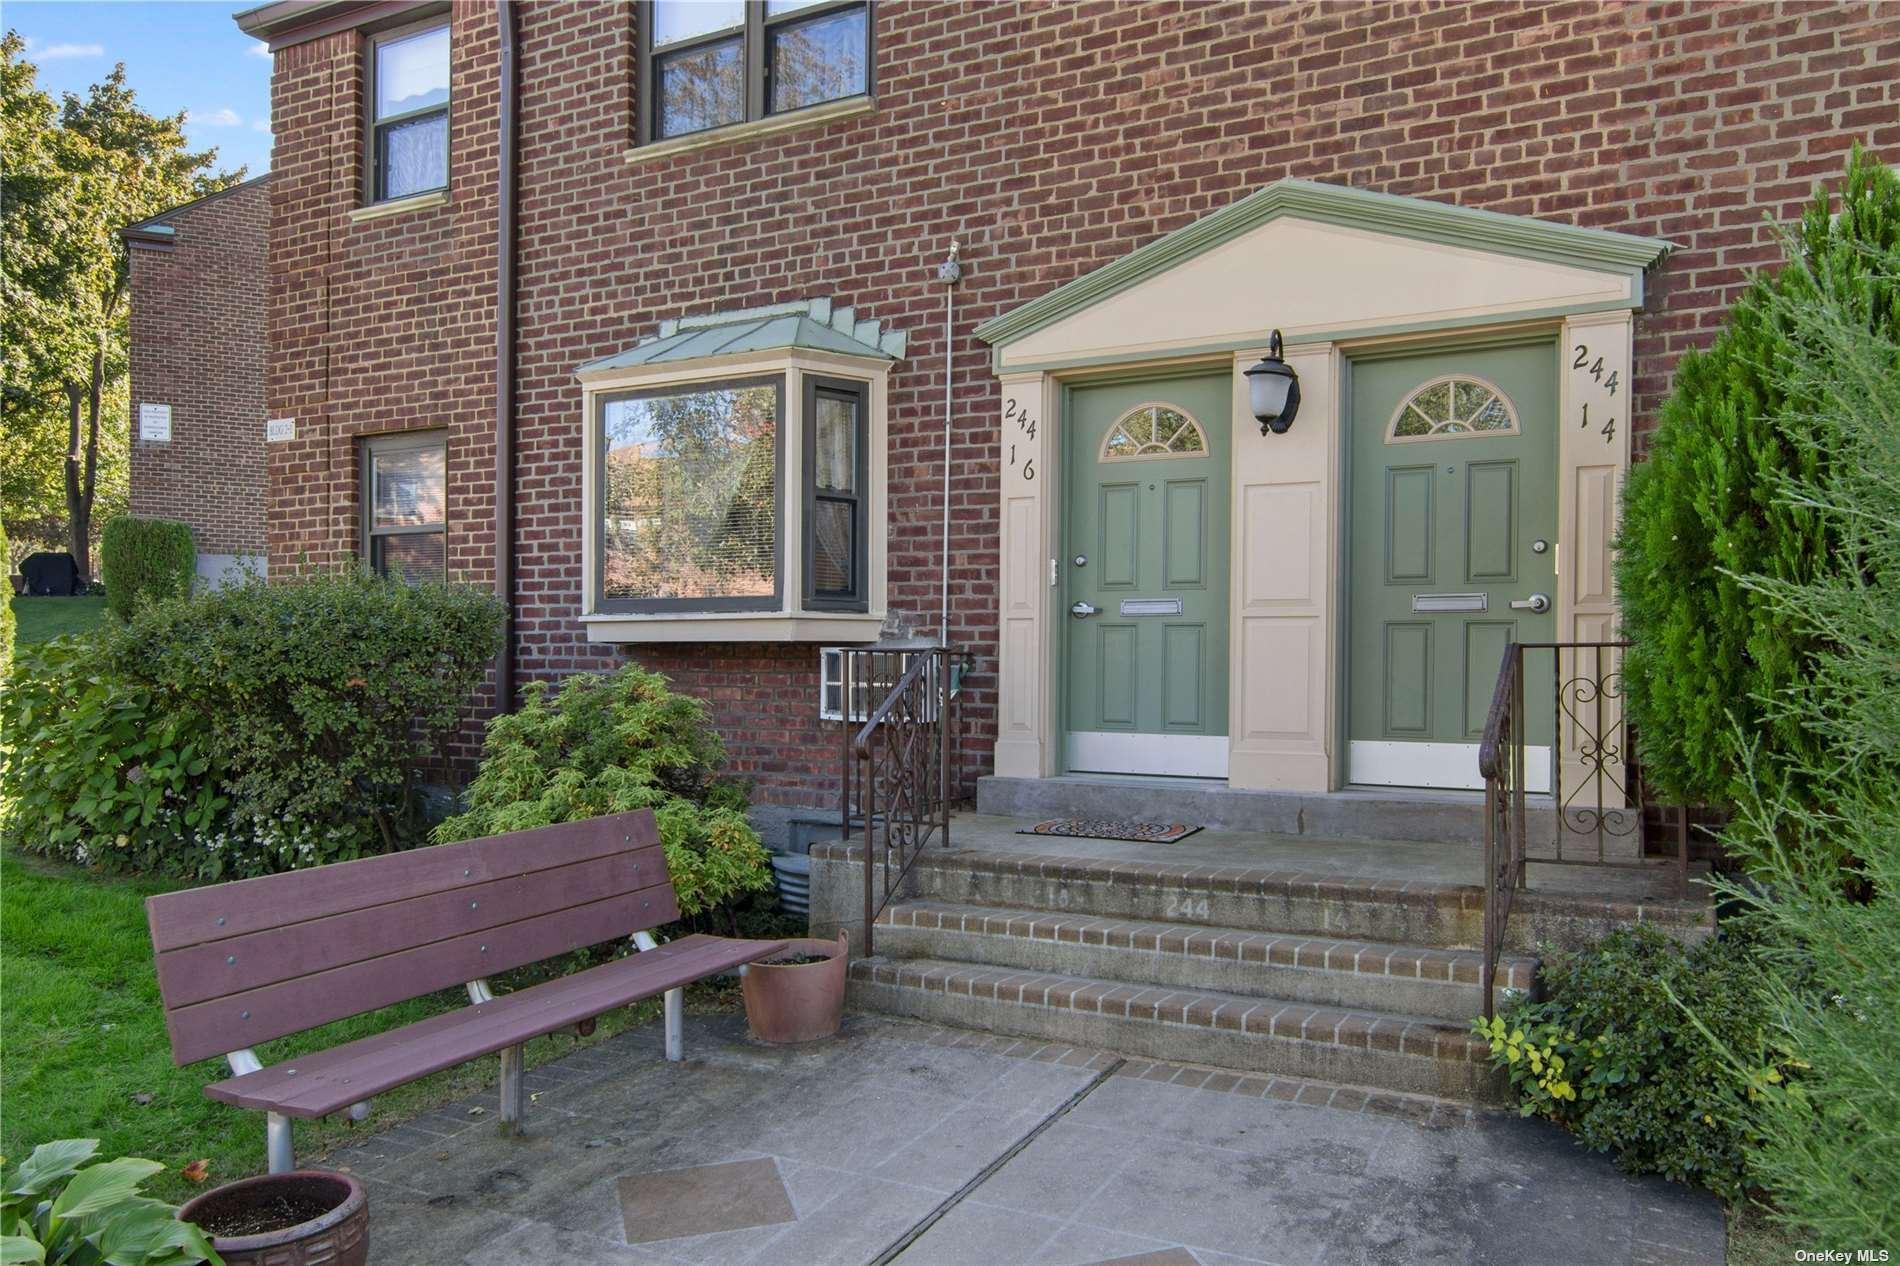 24416 57 Drive #E1, Douglaston, NY 11362 - MLS#: 3352419